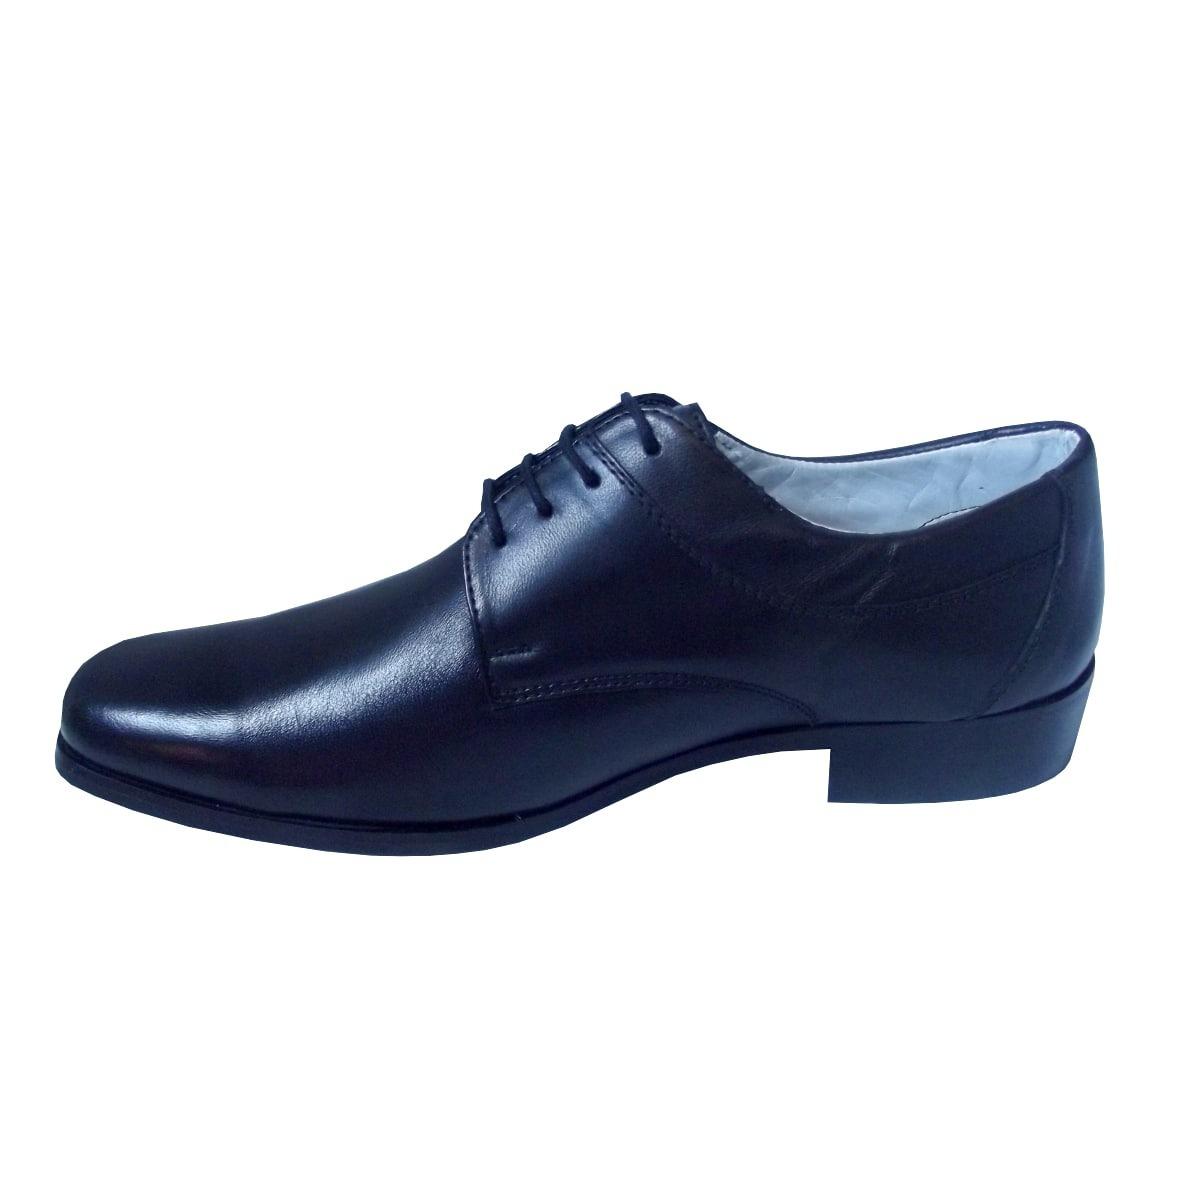 50cee2151c sapato masculino social couro de carneiro modelo italiano. Carregando zoom.